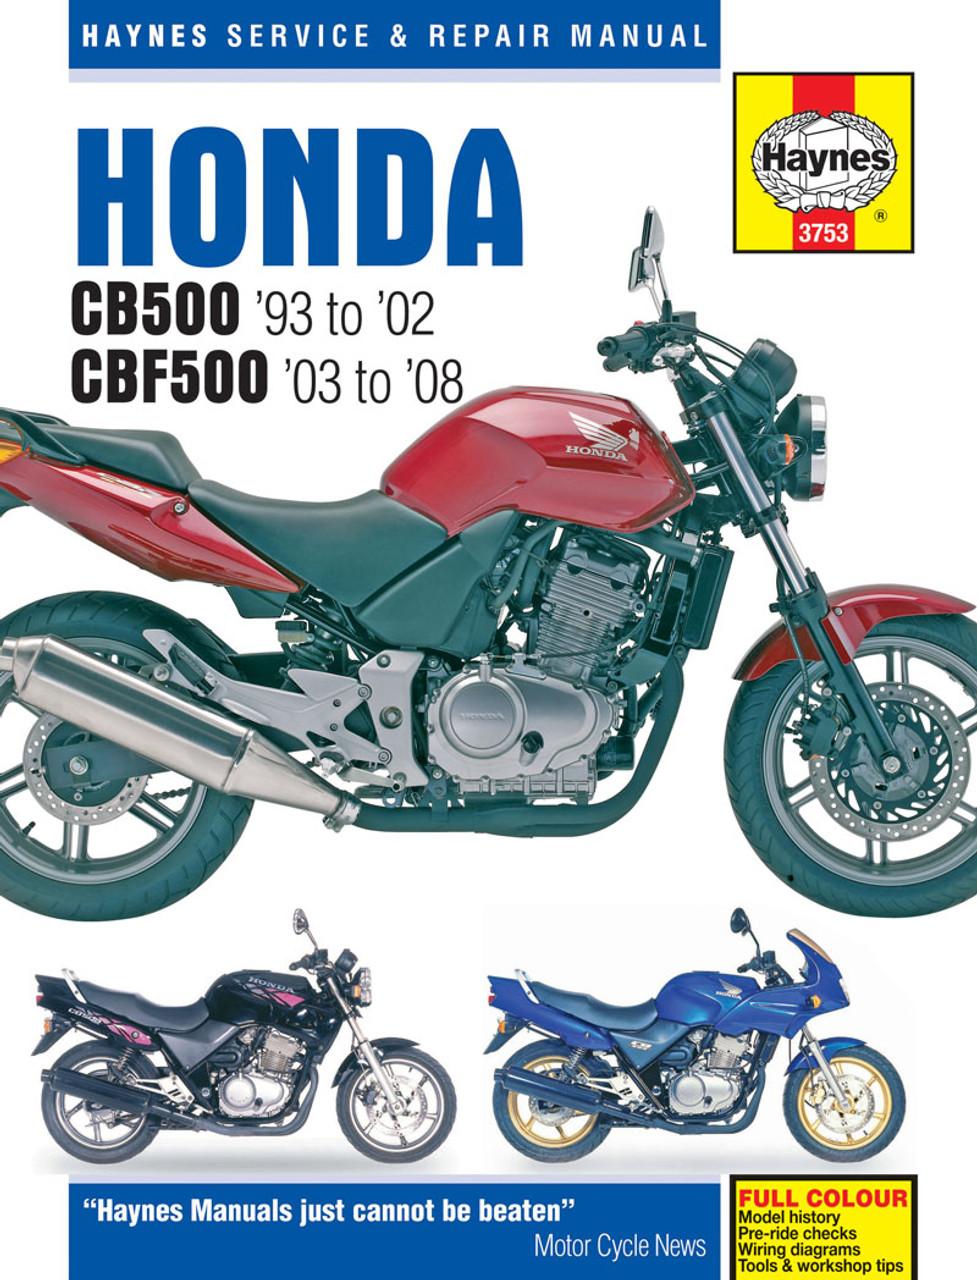 Honda Cb750 Chopper Wiring Diagram Additionally 1992 Honda Shadow 1100